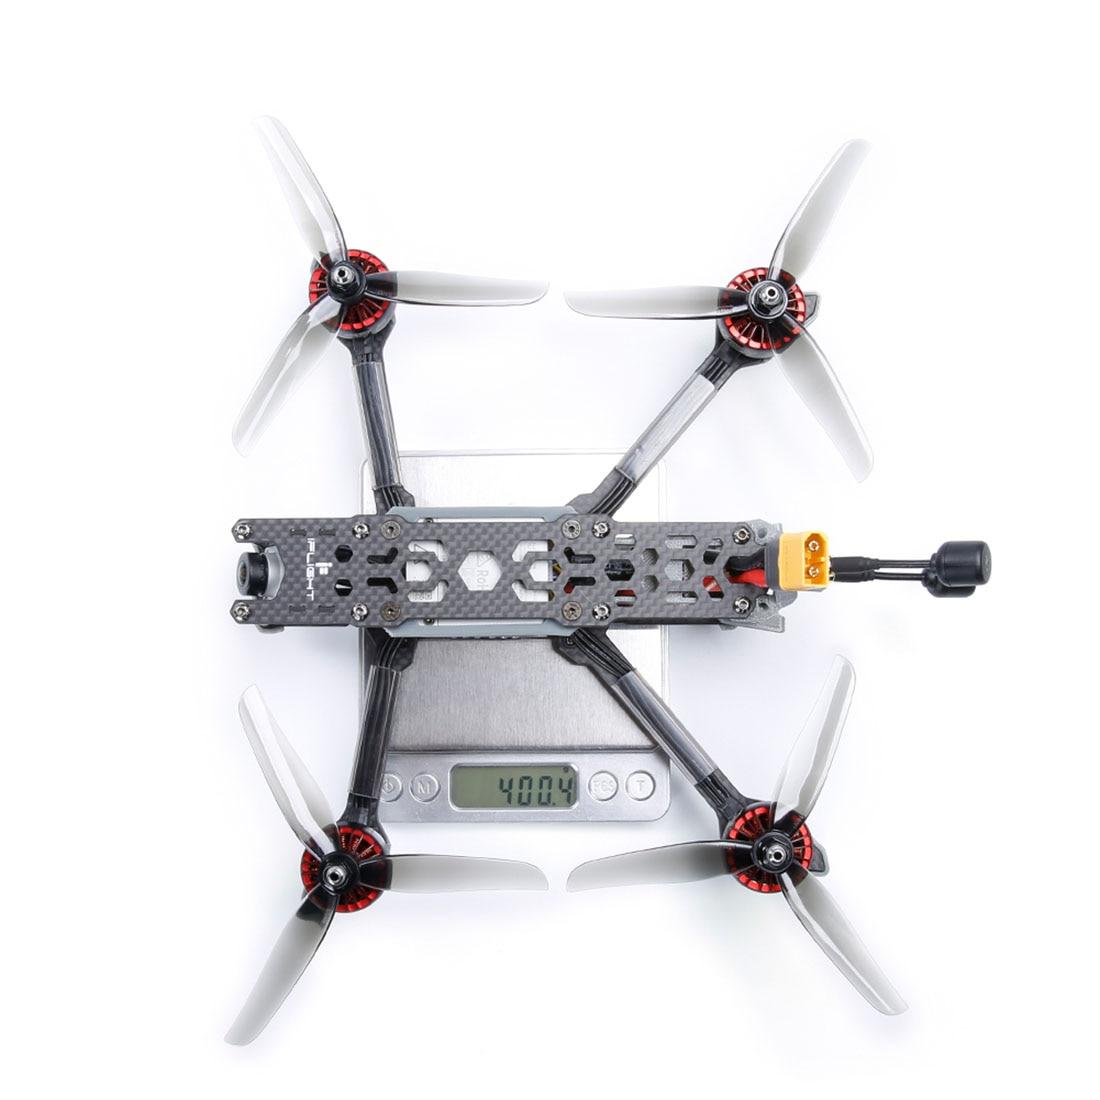 IFlight TITAN DC5 5 дюймов 222 мм 4S/6s HD FPV гоночный Дрон BNF SucceX D F7 50A стек XING E 2207/2450 кв мотор от вертолета игрушка - 6